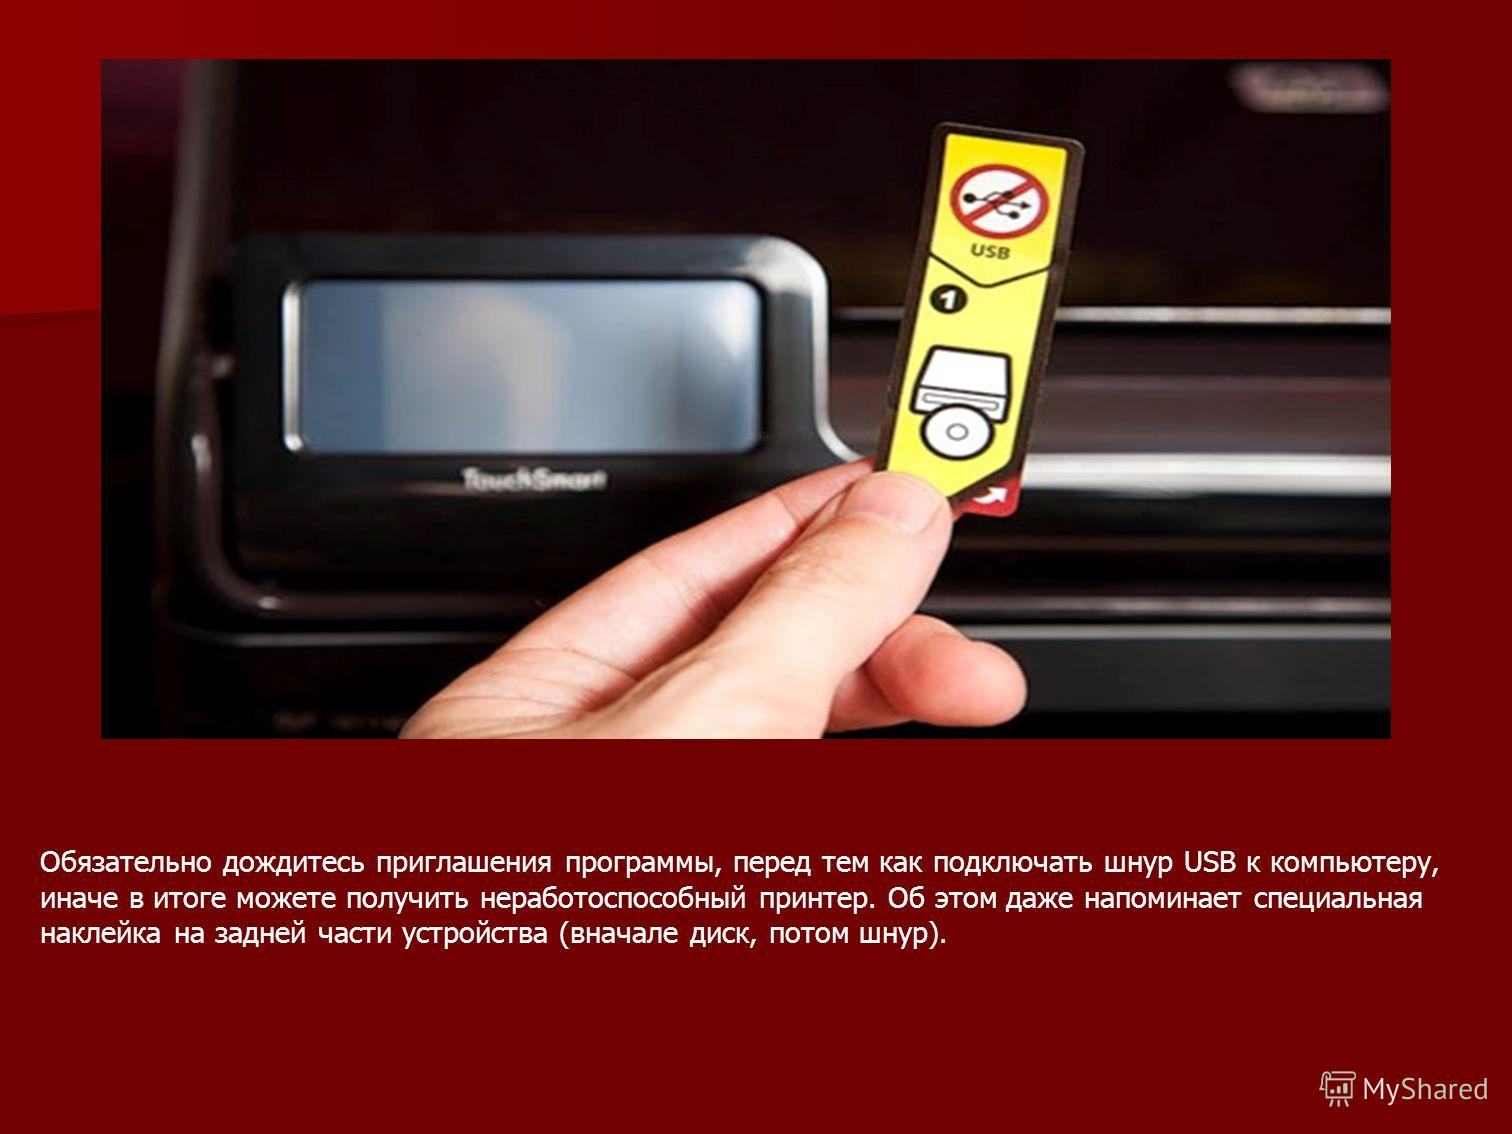 Обязательно дождитесь приглашения программы, перед тем как подключать шнур USB к компьютеру, иначе в итоге можете получить неработоспособный принтер. Об этом даже напоминает специальная наклейка на задней части устройства (вначале диск, потом шнур).